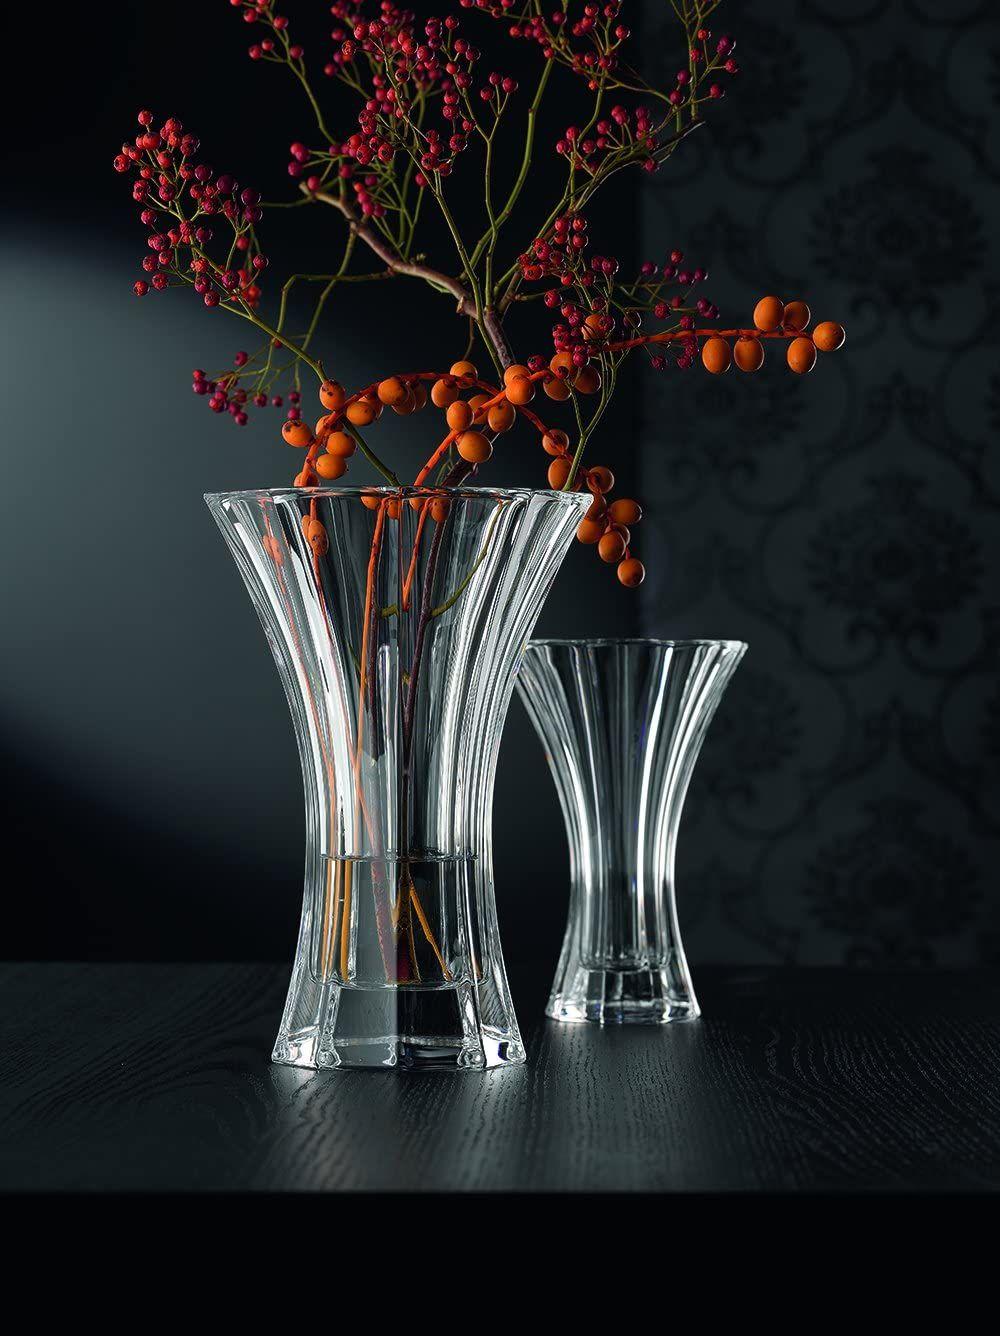 Für die Familienfeier, die festliche Tafel oder als Geschenk: Vase aus brillantem Kristallglas.  #Kristallvase #Vase #Blumenvase #Kristallglas #Deko